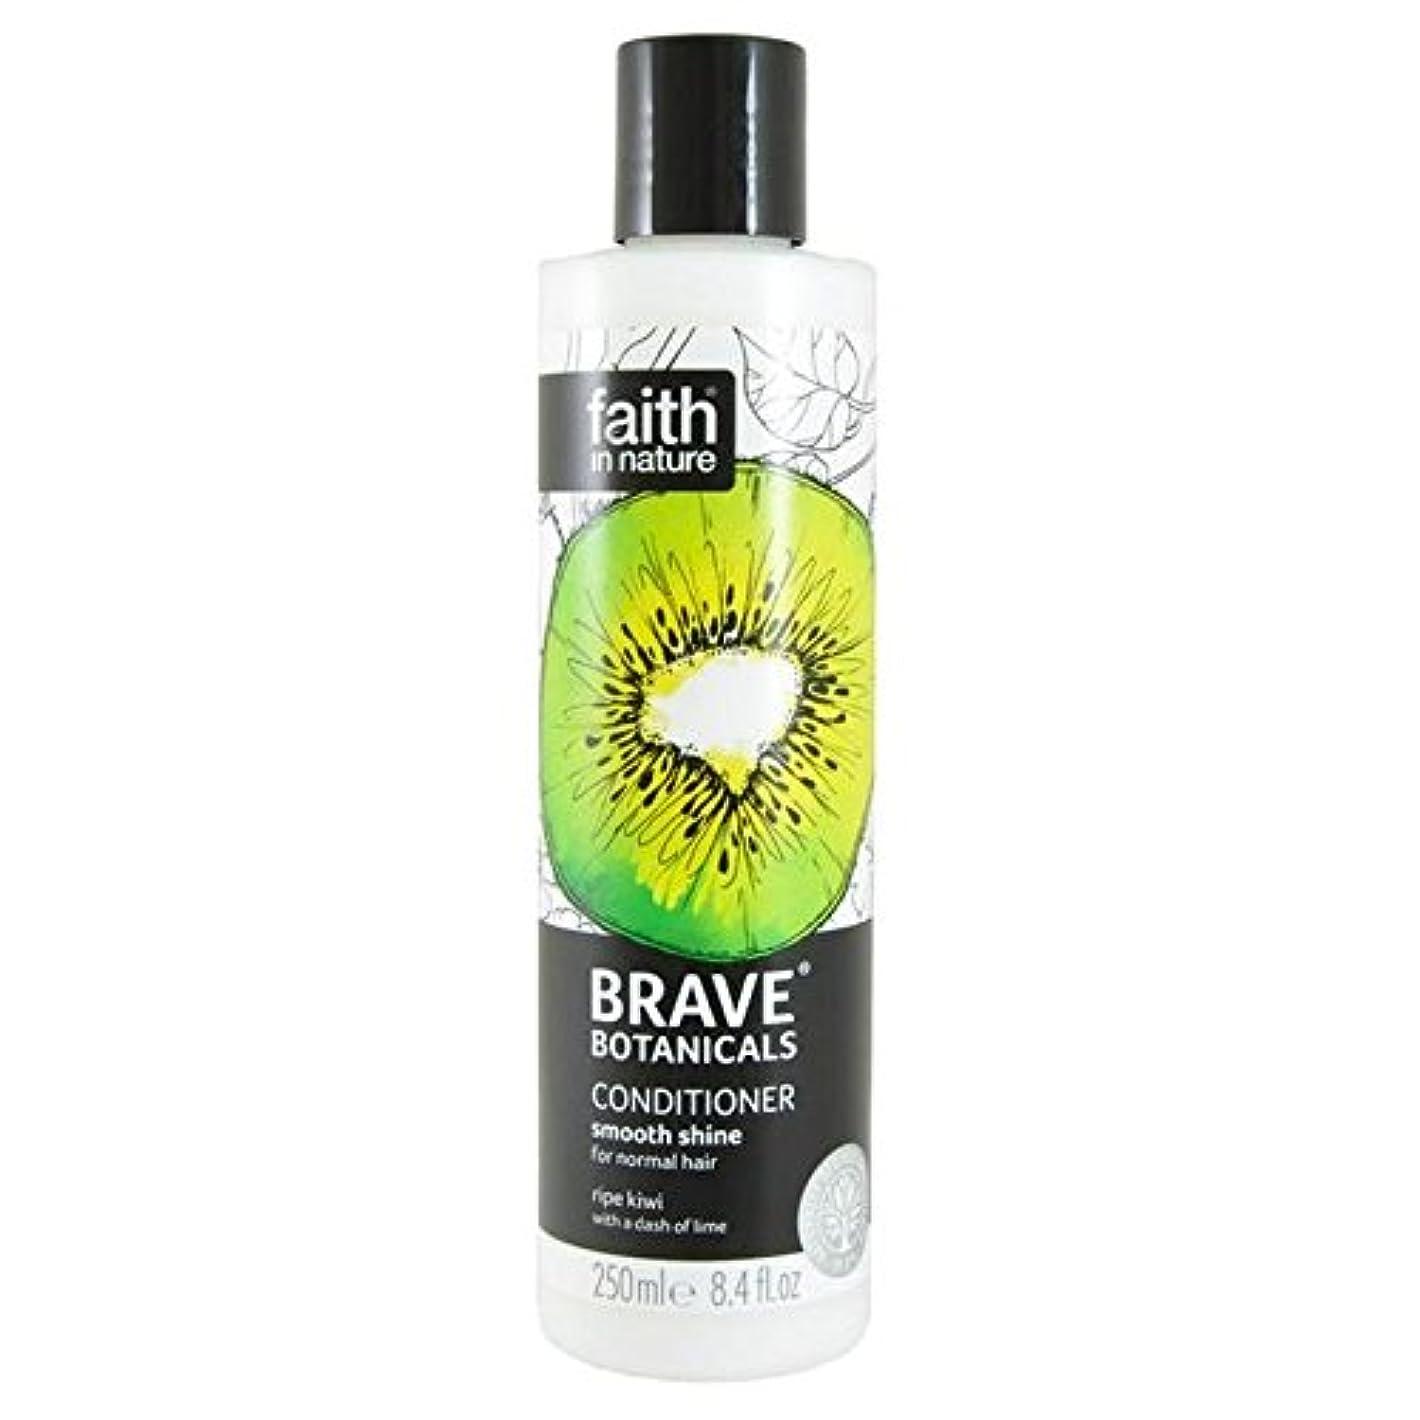 作りますオフセット地下鉄Brave Botanicals Kiwi & Lime Smooth Shine Conditioner 250ml - (Faith In Nature) 勇敢な植物キウイ&ライムなめらかな輝きコンディショナー250Ml [並行輸入品]